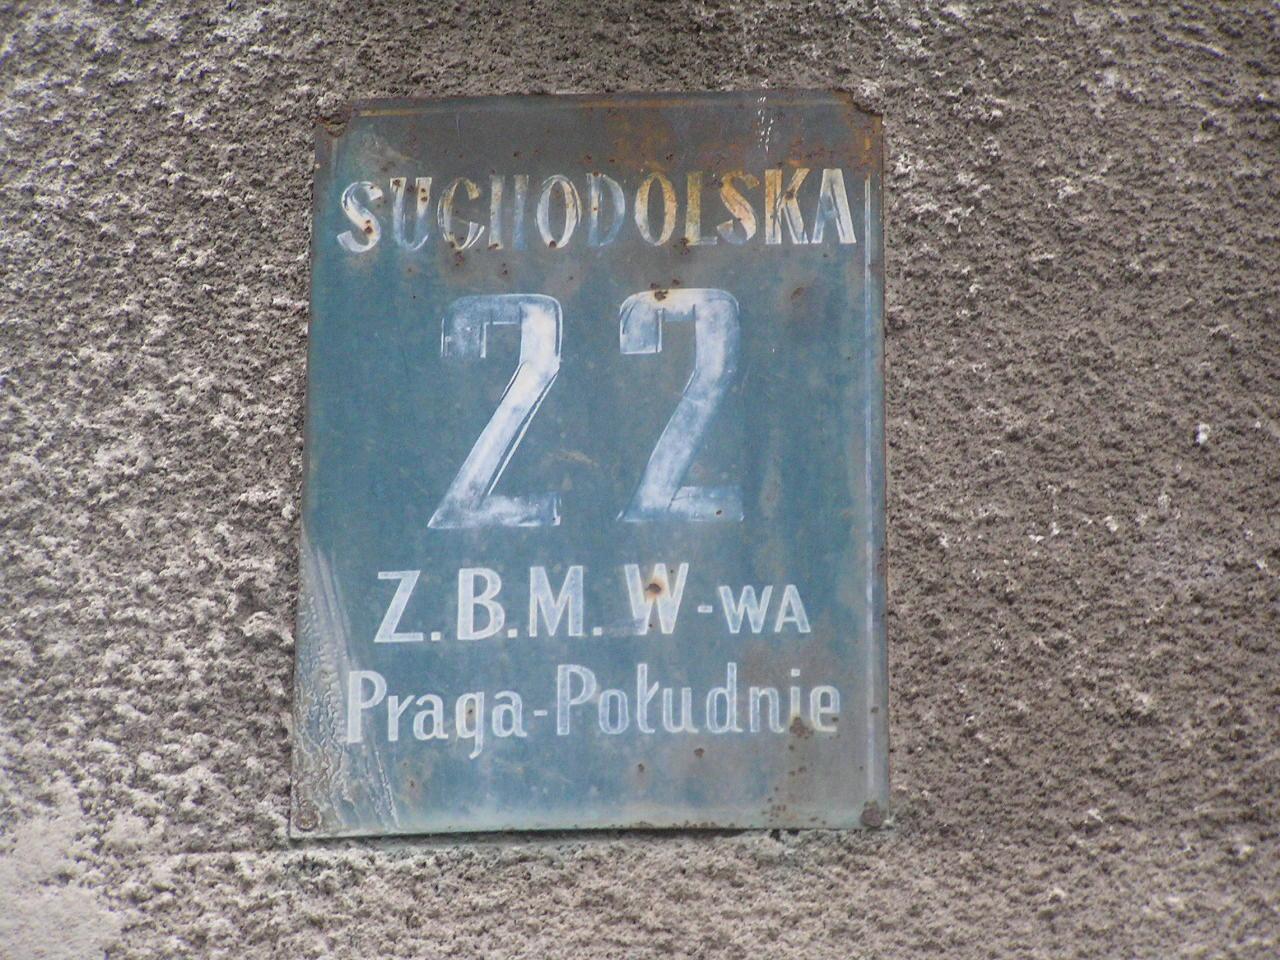 Tabliczka adresowa przy ulicy Suchodolskiej 22 na Grochowie